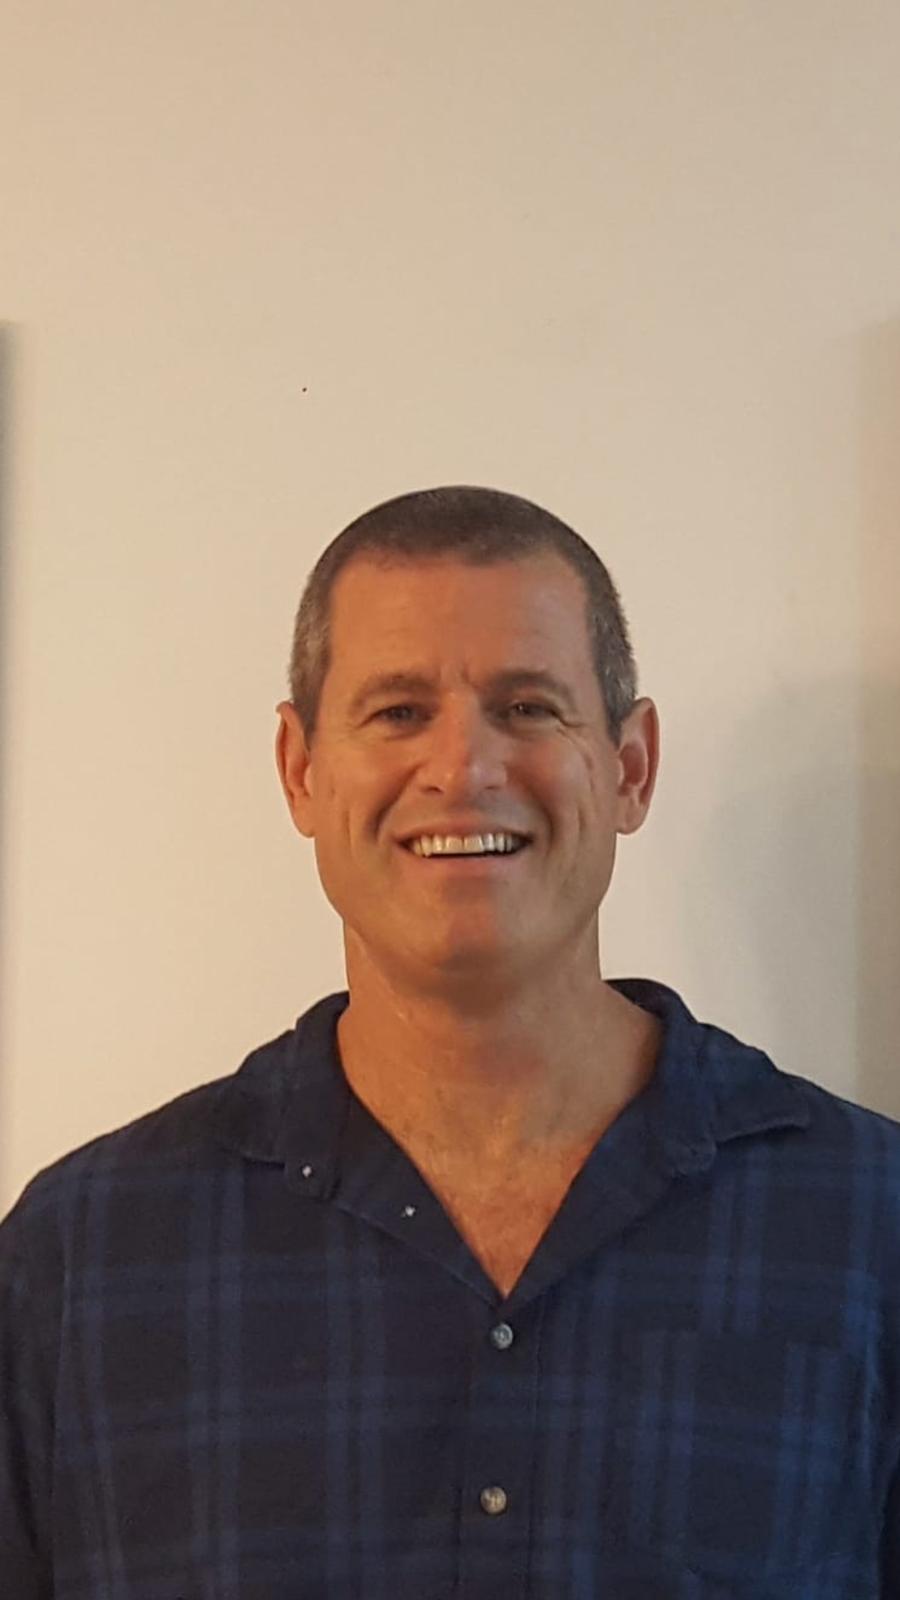 קרית שמונה: מנהל חדש לברנקו וייס